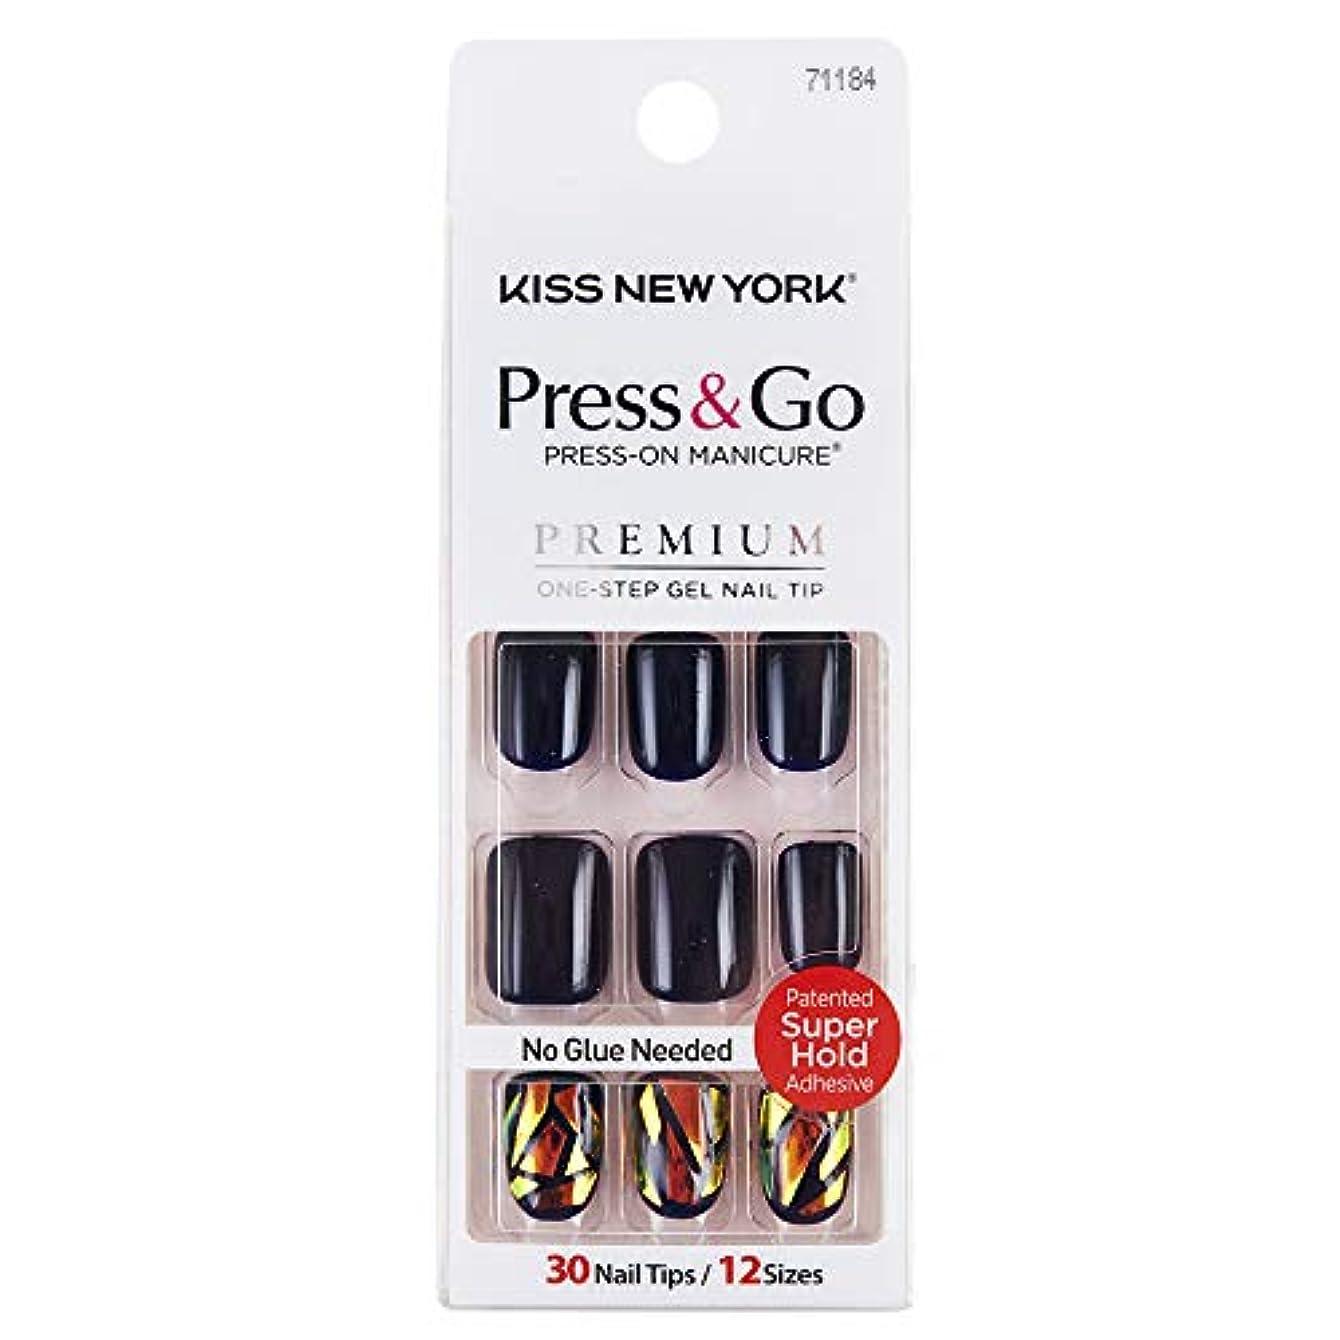 果てしない大砲ラフレシアアルノルディキスニューヨーク (KISS NEW YORK) KISS NEWYORK ネイルチップPress&Go BIPA050J 19g